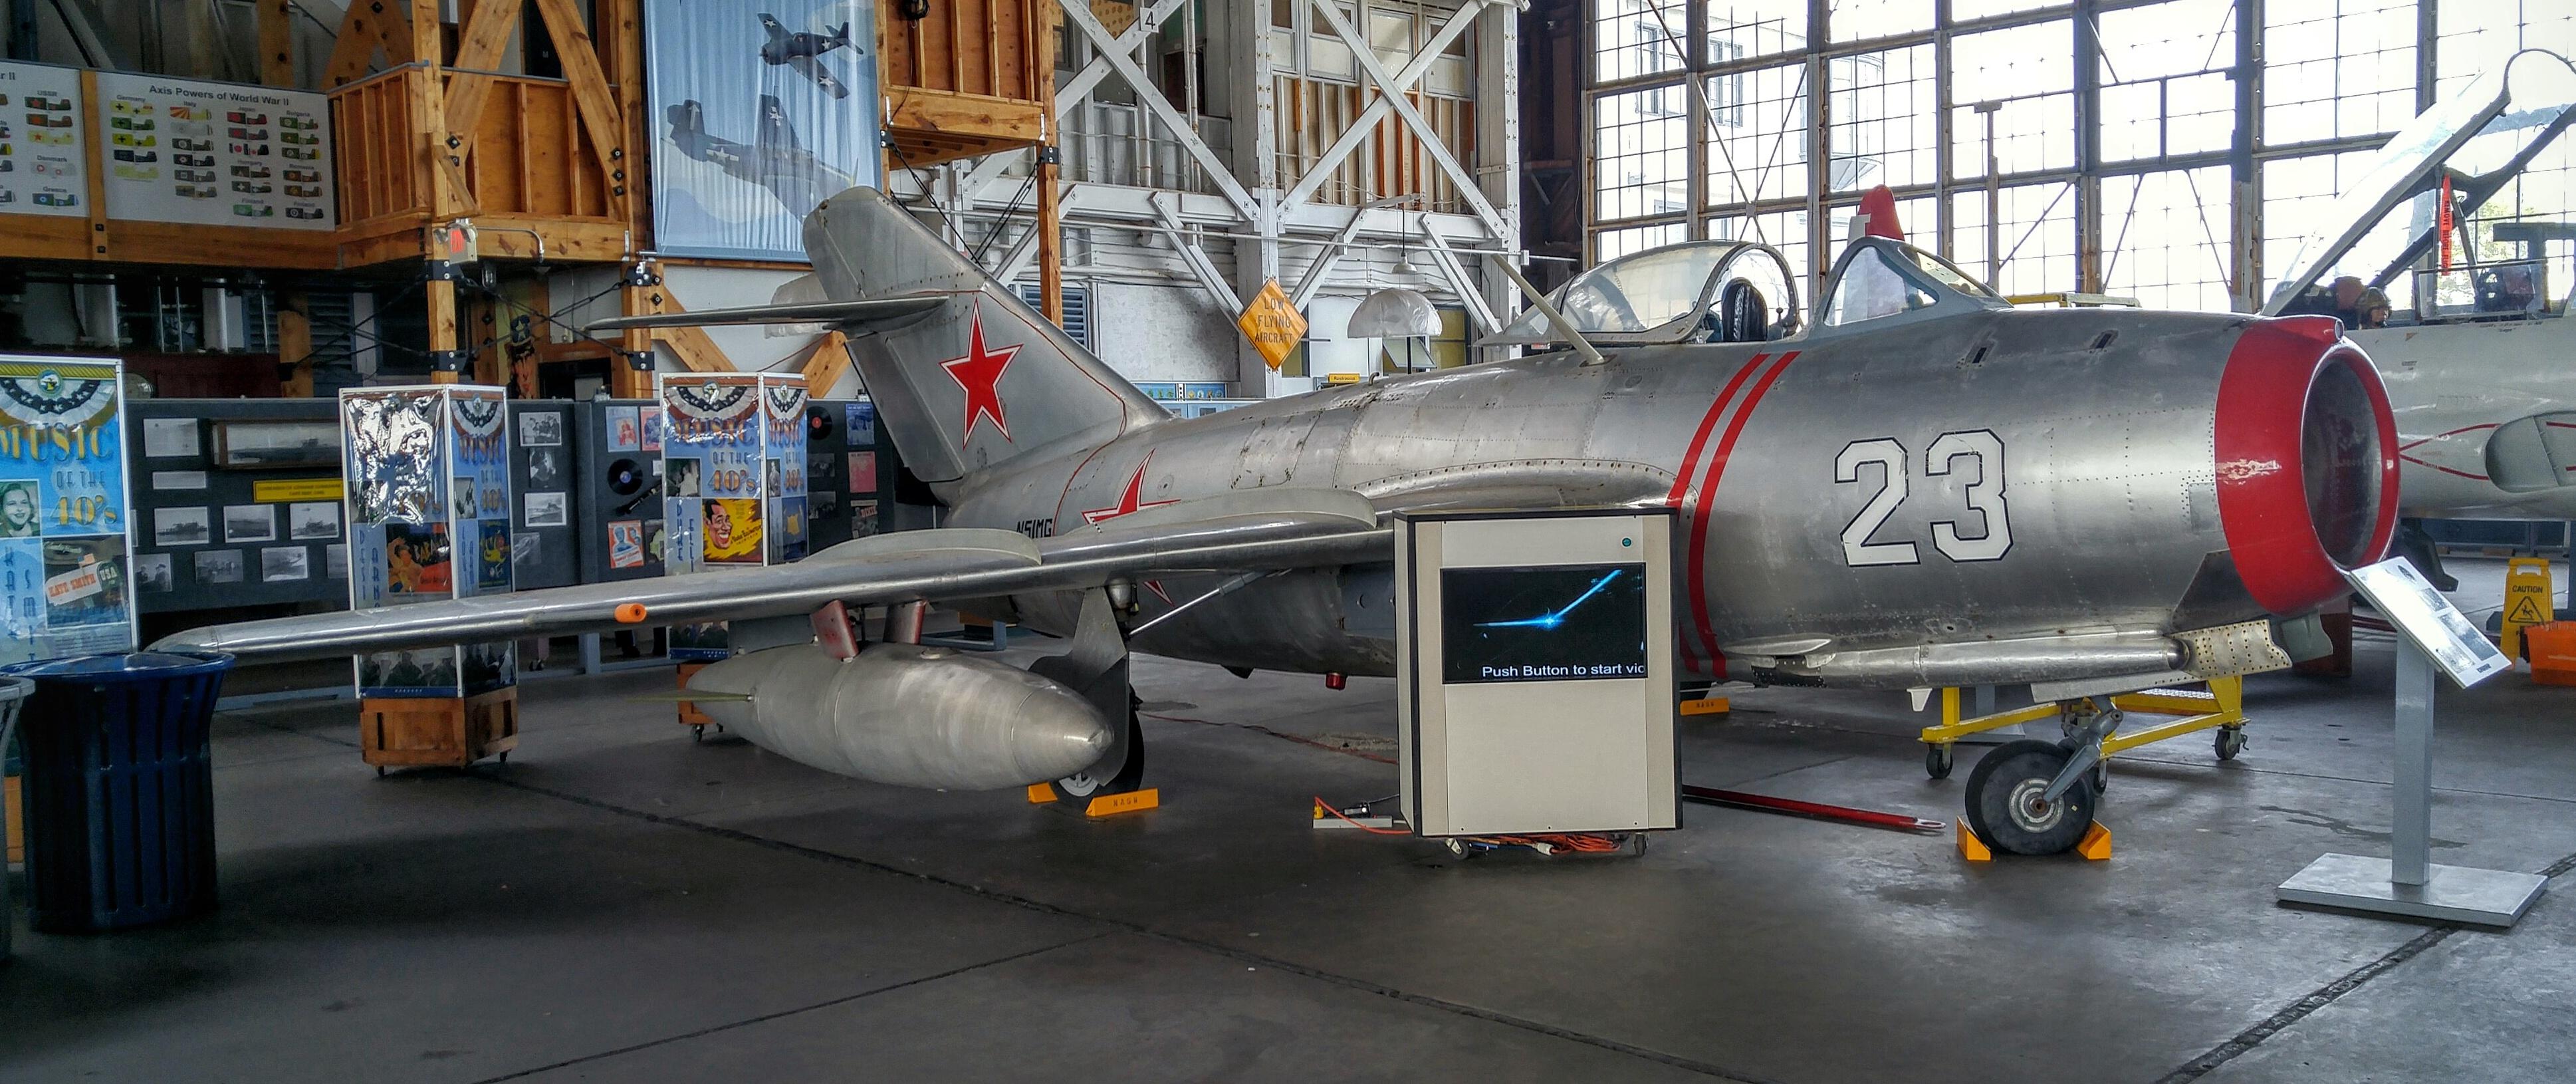 December 30, 1947 – First flight of the MiG-15.